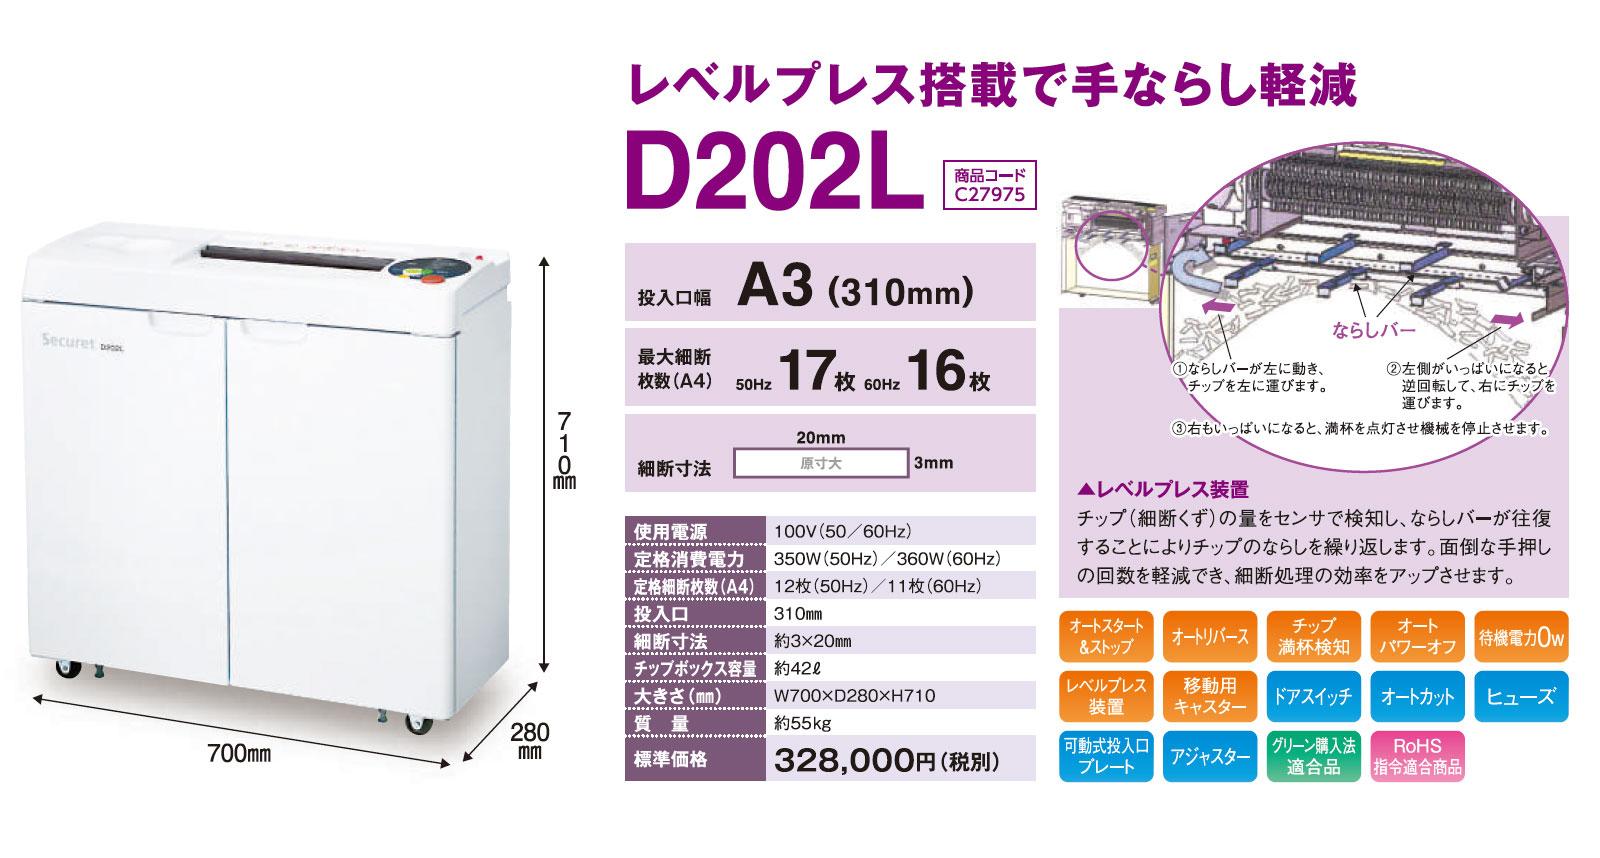 石澤製作所 セキュレットシュレッダD202L